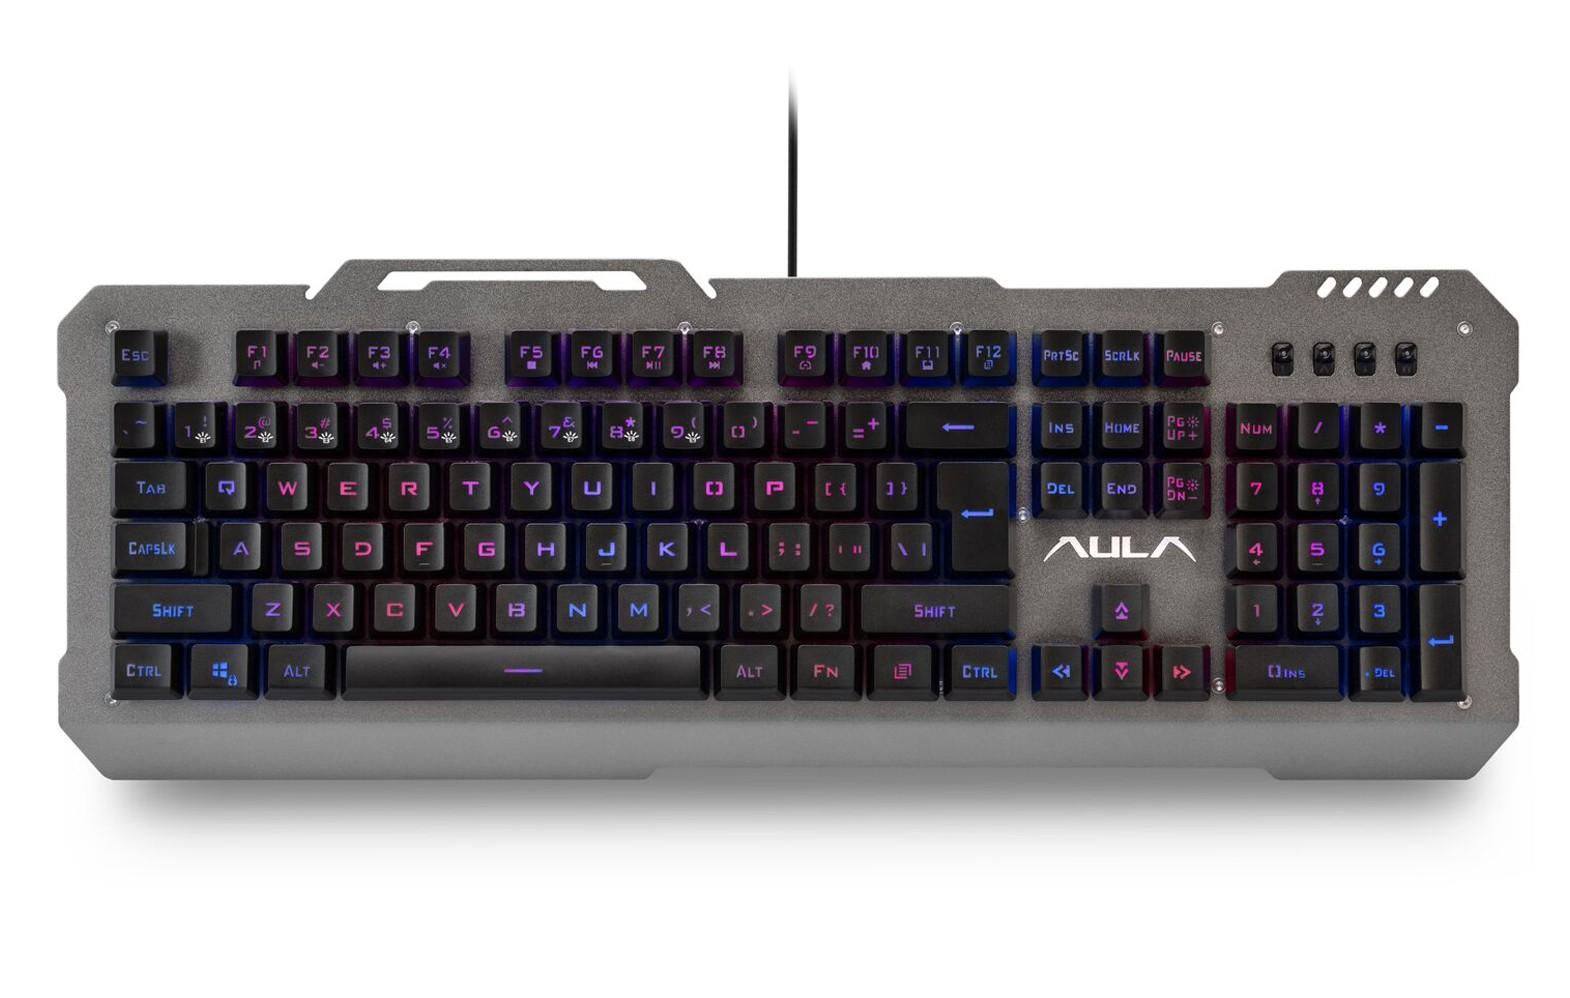 AULA Moon Slasher laidinė membraninė klaviatūra US